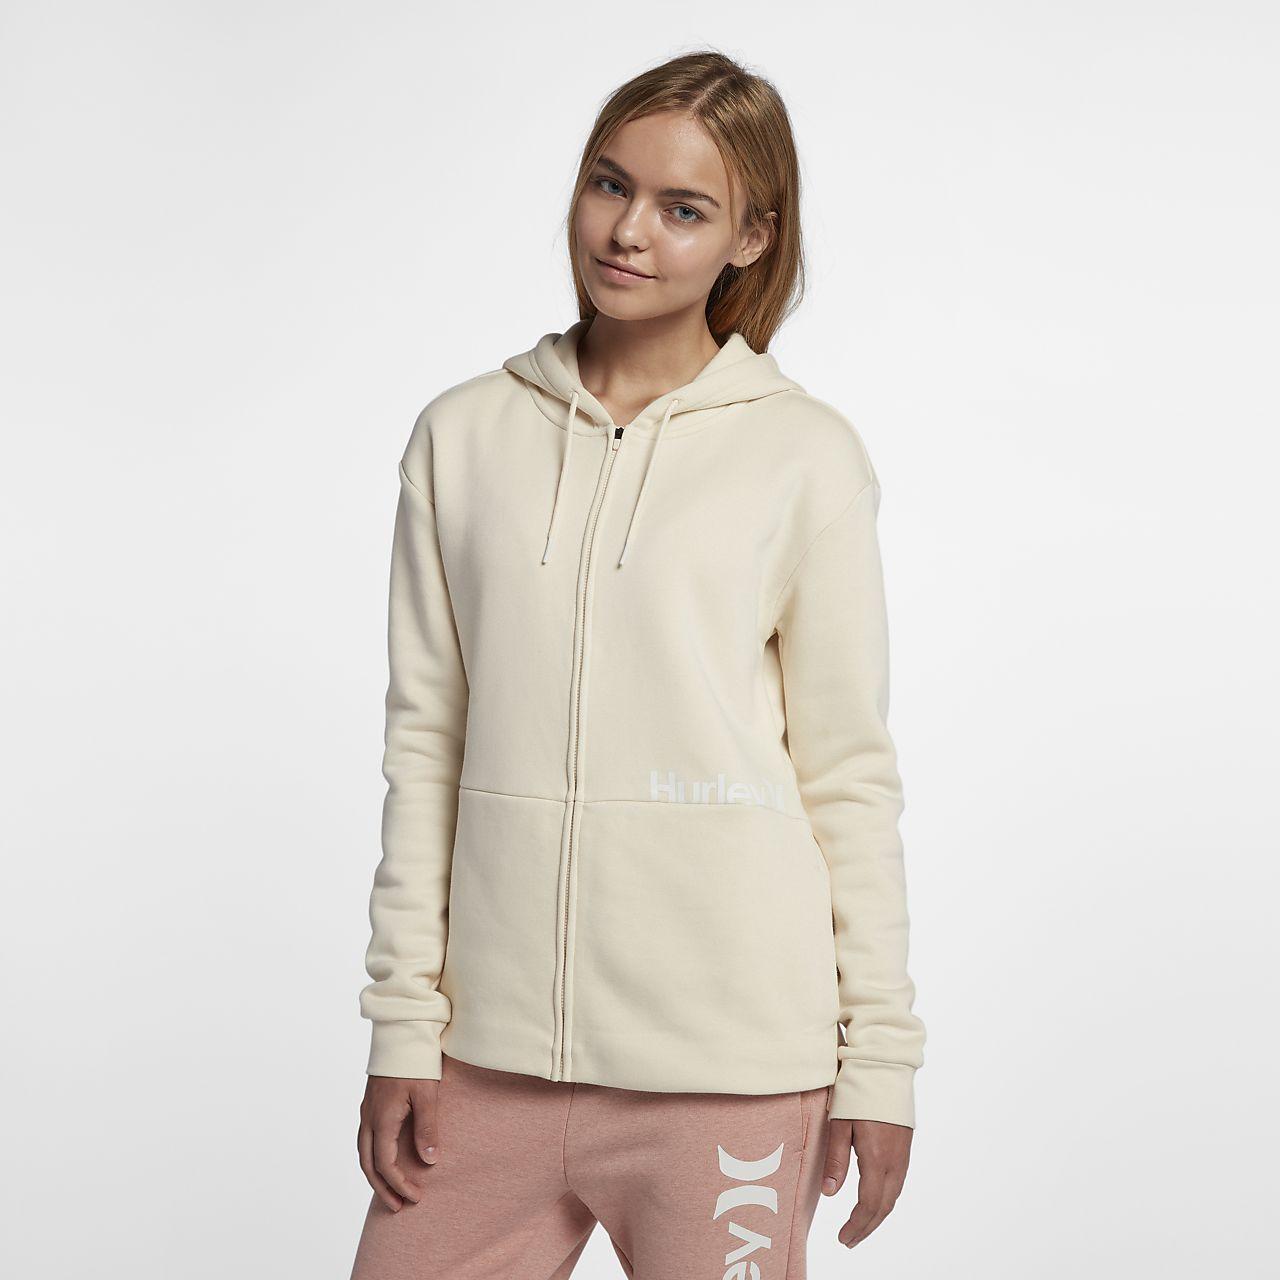 Hurley One and Only Cut  Women's Fleece Full-Zip Top